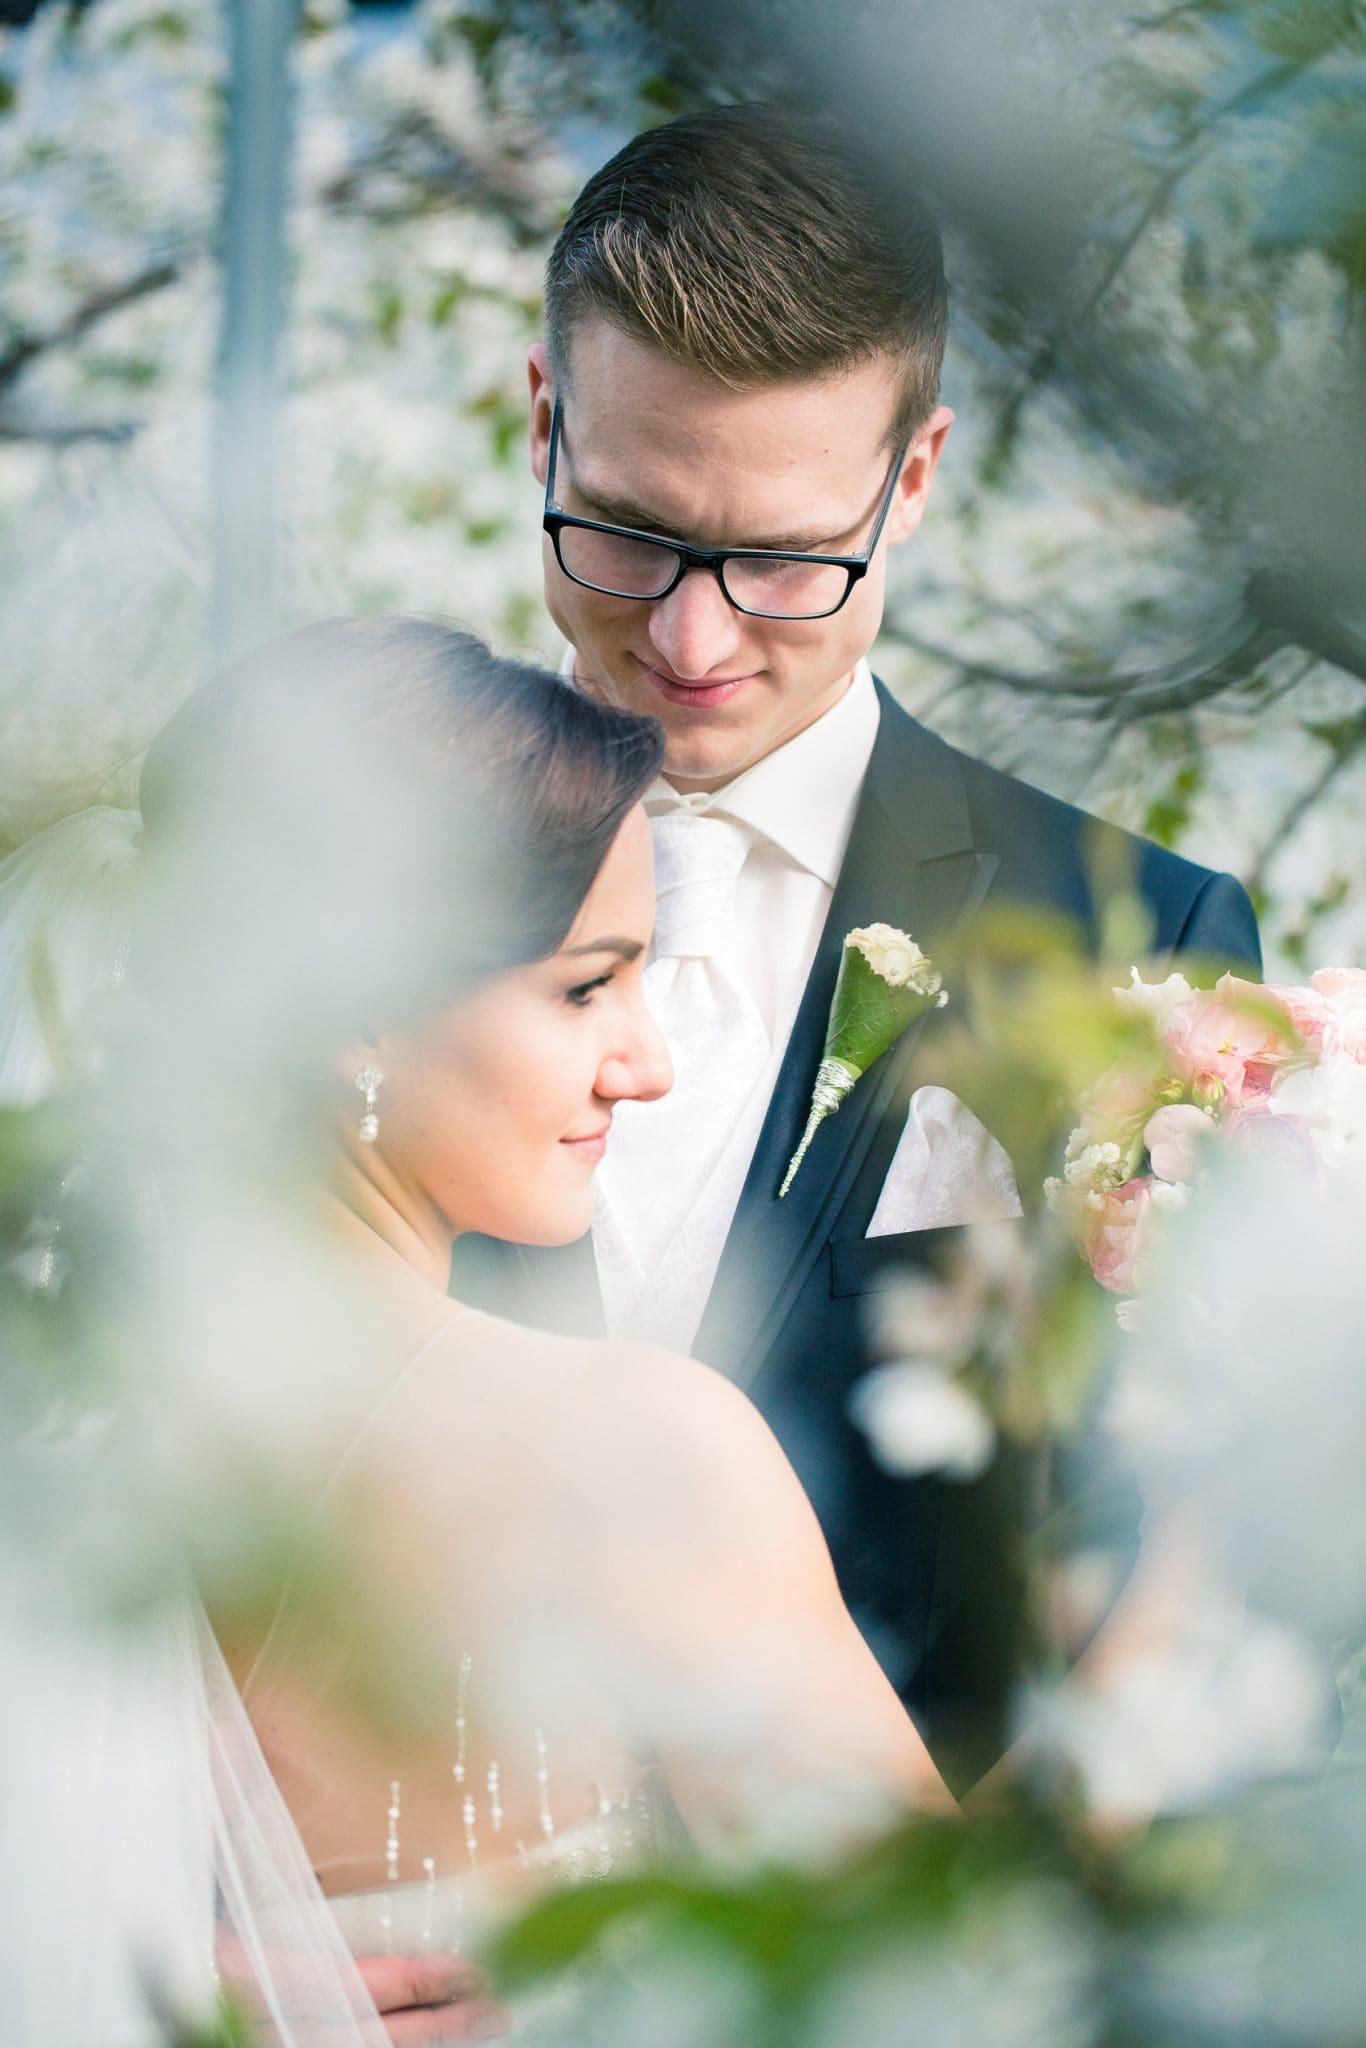 hochzeit_wedding_tirol_042_dianapeter_photography_hochzeitsfotografie_portraitfotografie__d3_3804